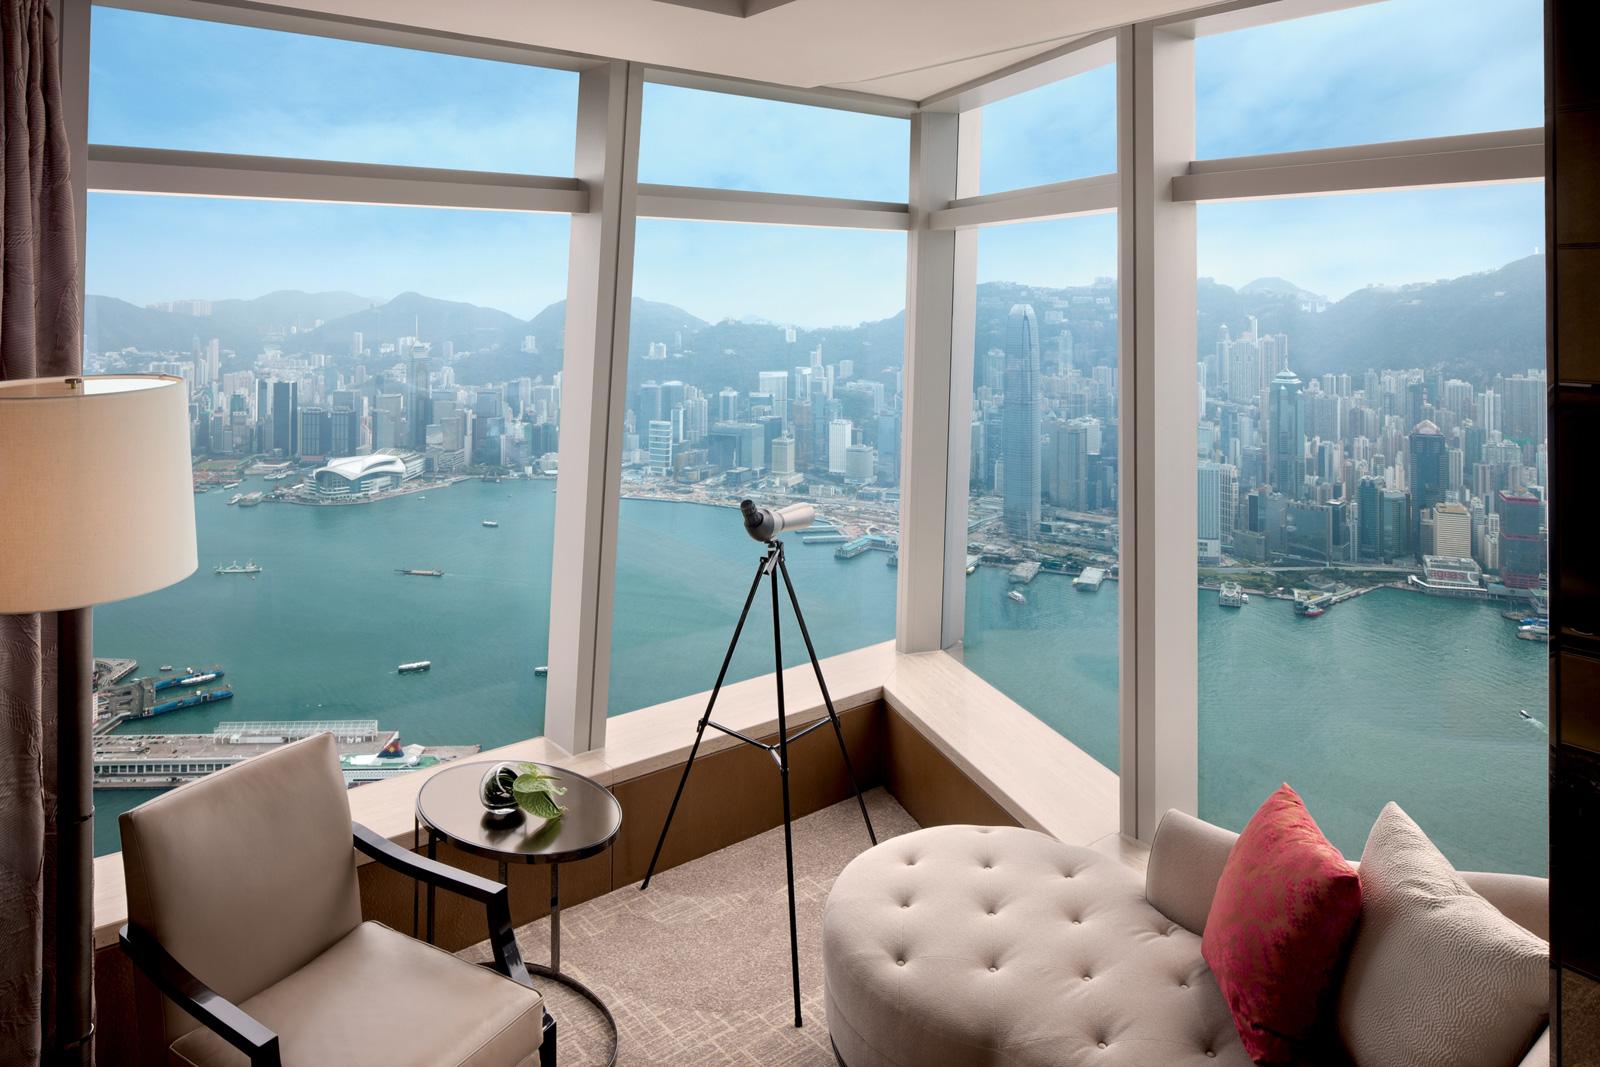 Interior room with view of harbor and city at The Ritz-Carlton, Hong Kong